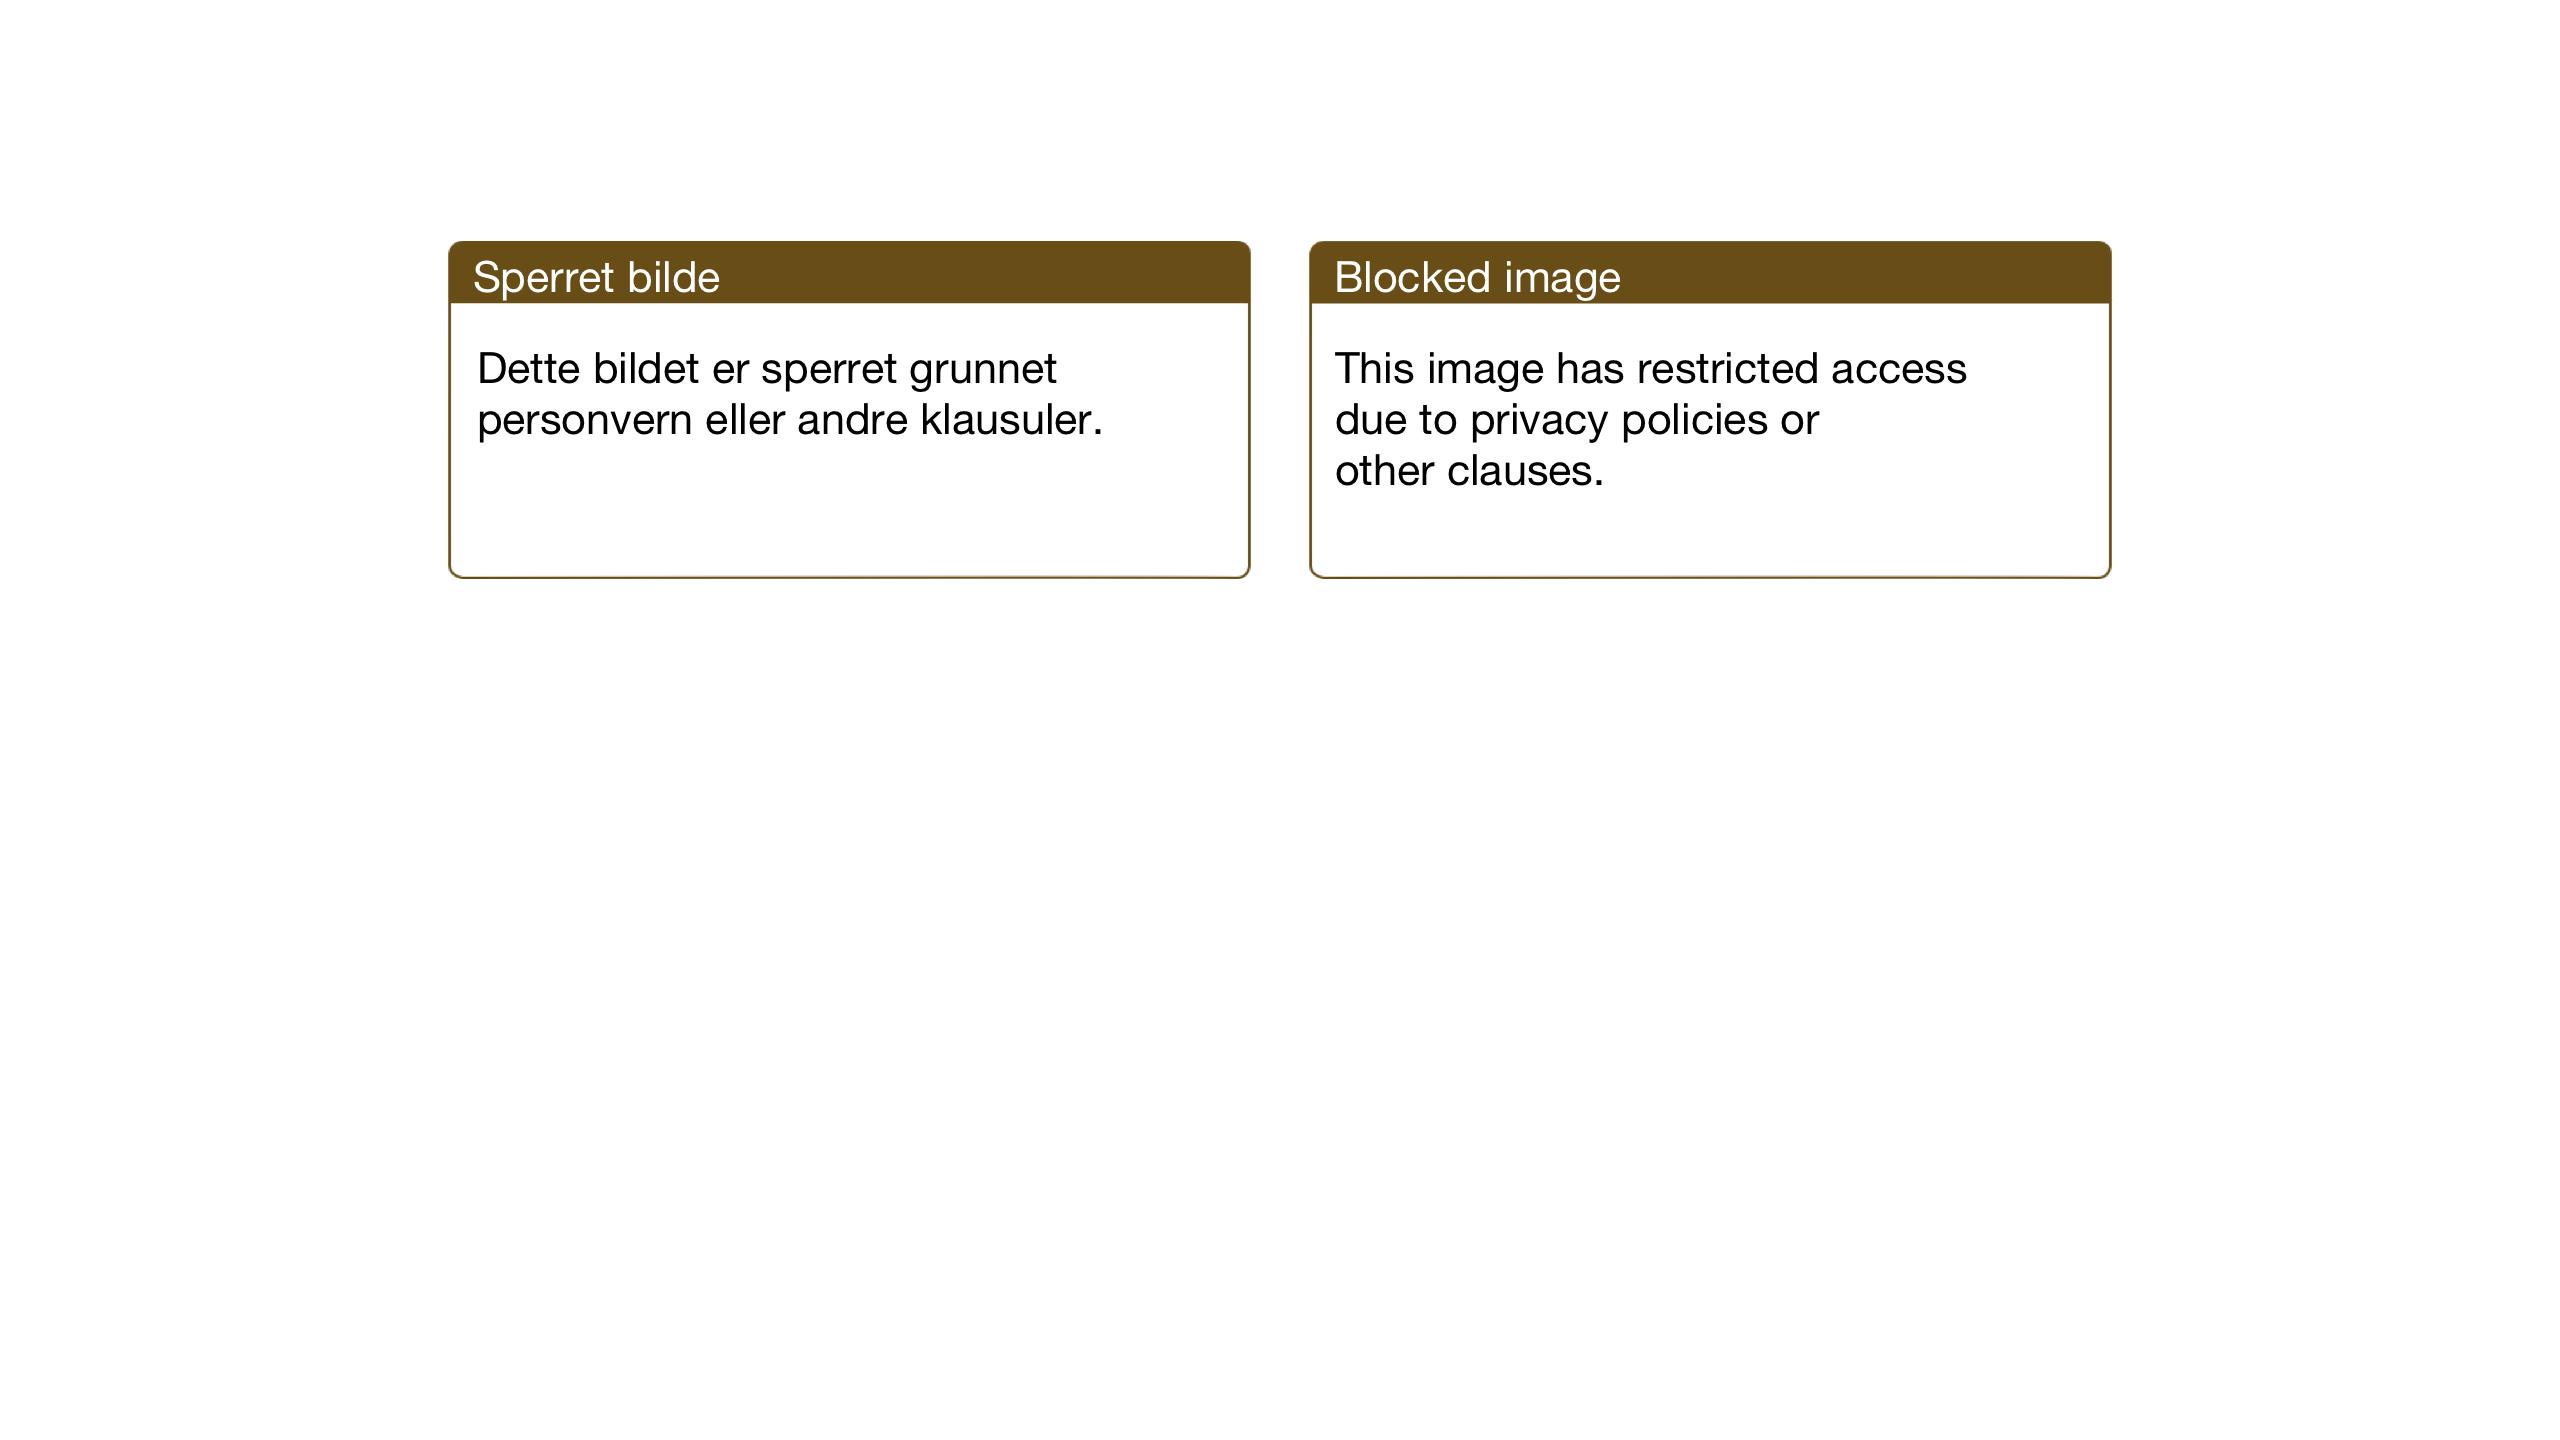 SAT, Ministerialprotokoller, klokkerbøker og fødselsregistre - Sør-Trøndelag, 669/L0832: Klokkerbok nr. 669C02, 1925-1953, s. 234